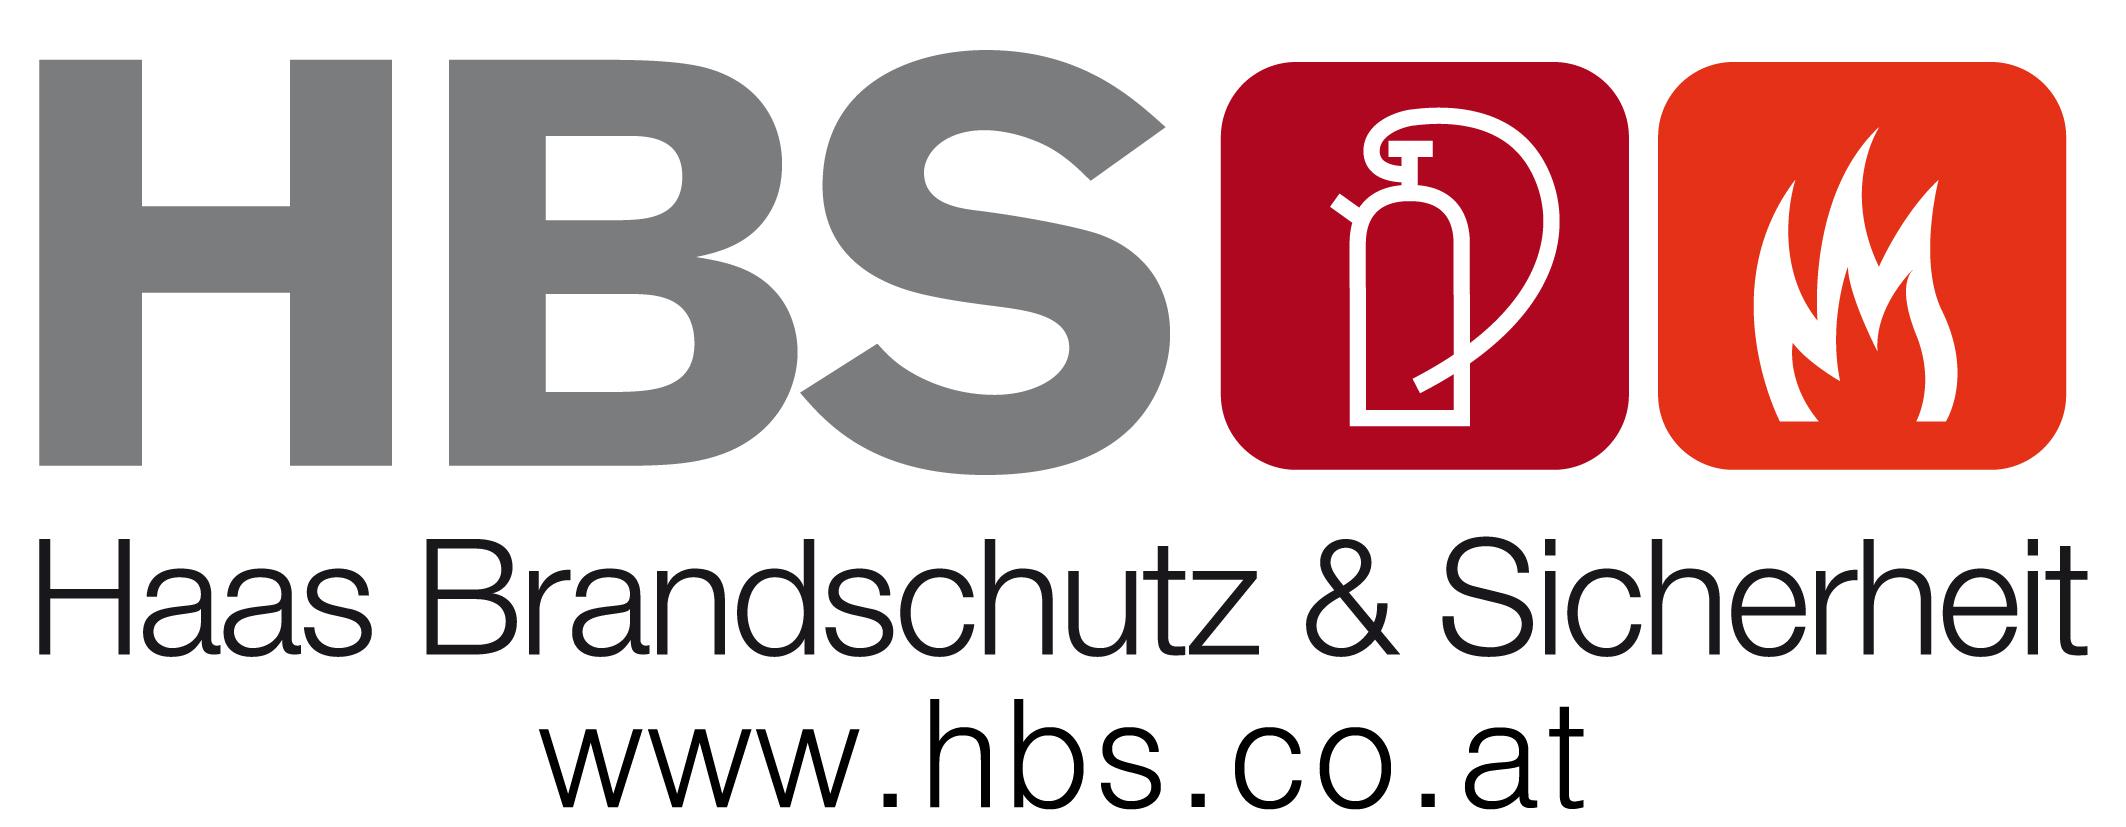 Haas Brand